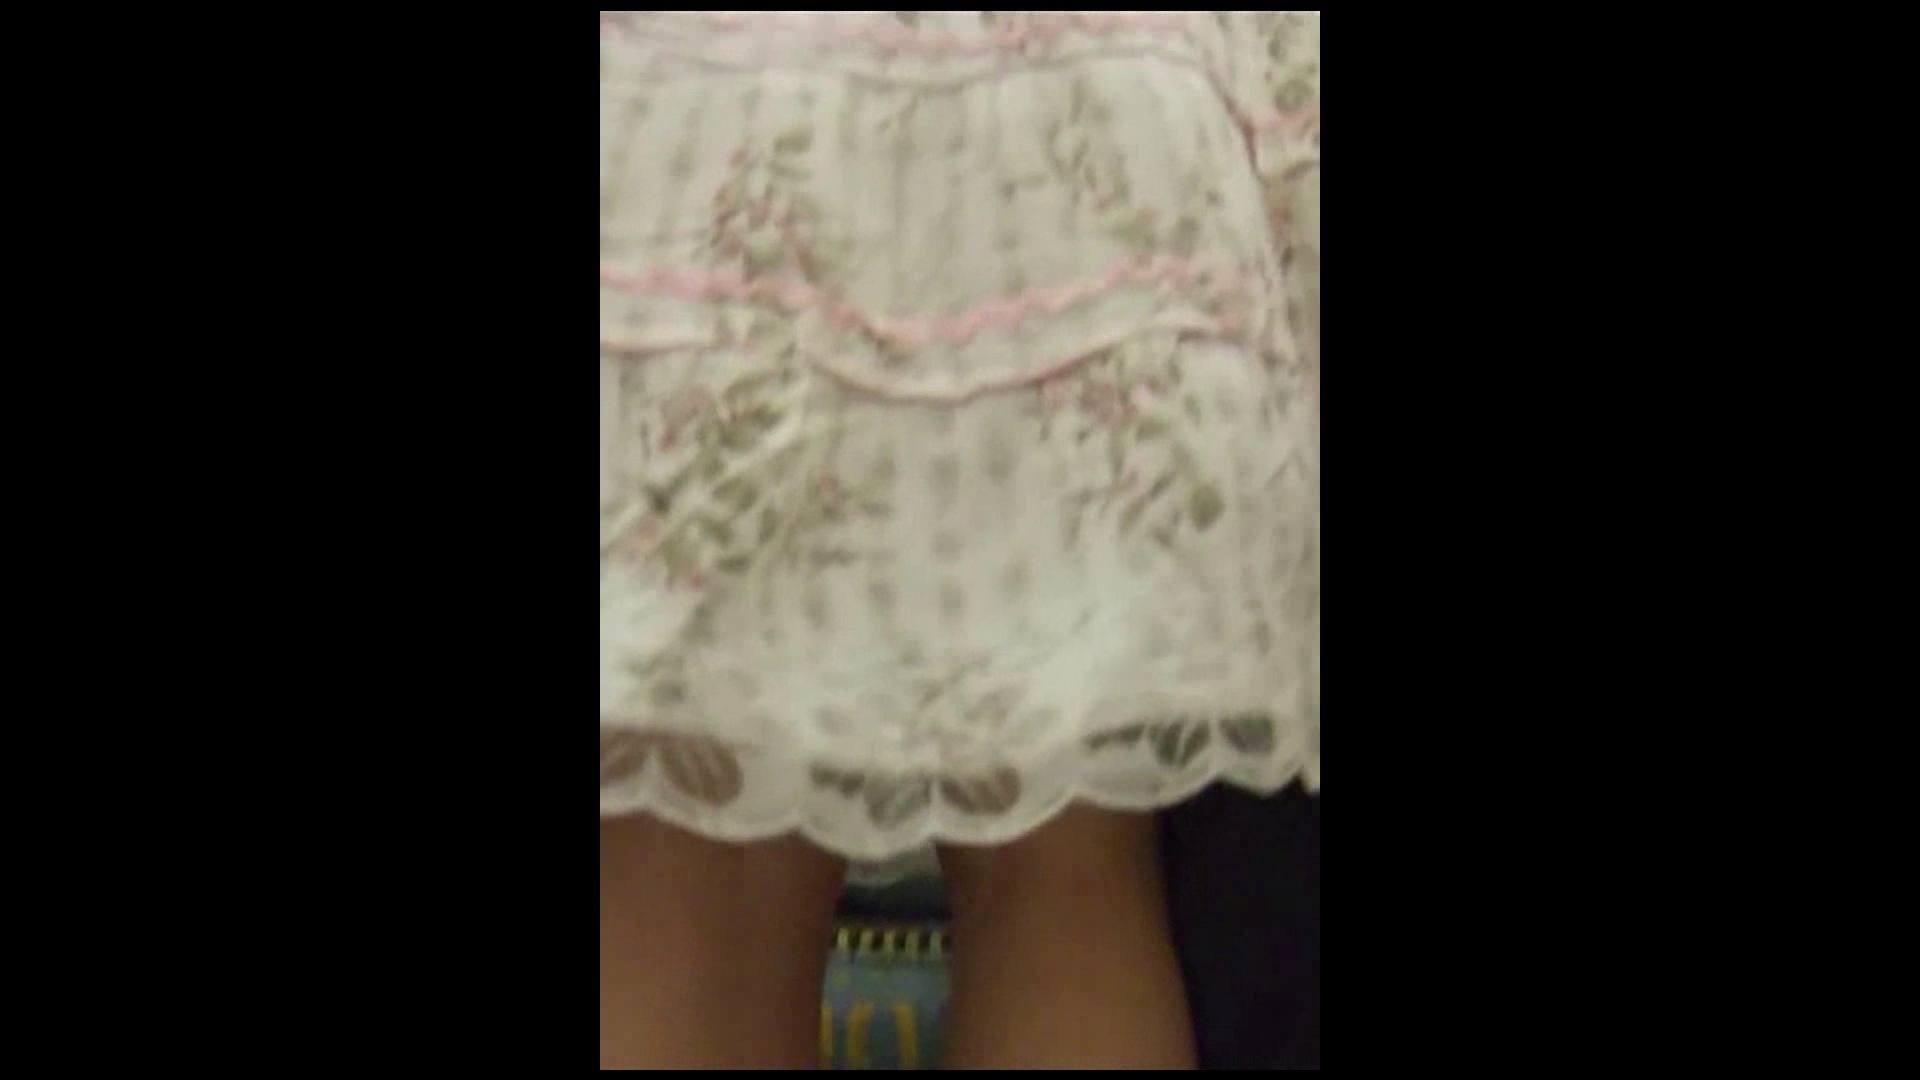 綺麗なモデルさんのスカート捲っちゃおう‼vol02 OLすけべ画像  82連発 75